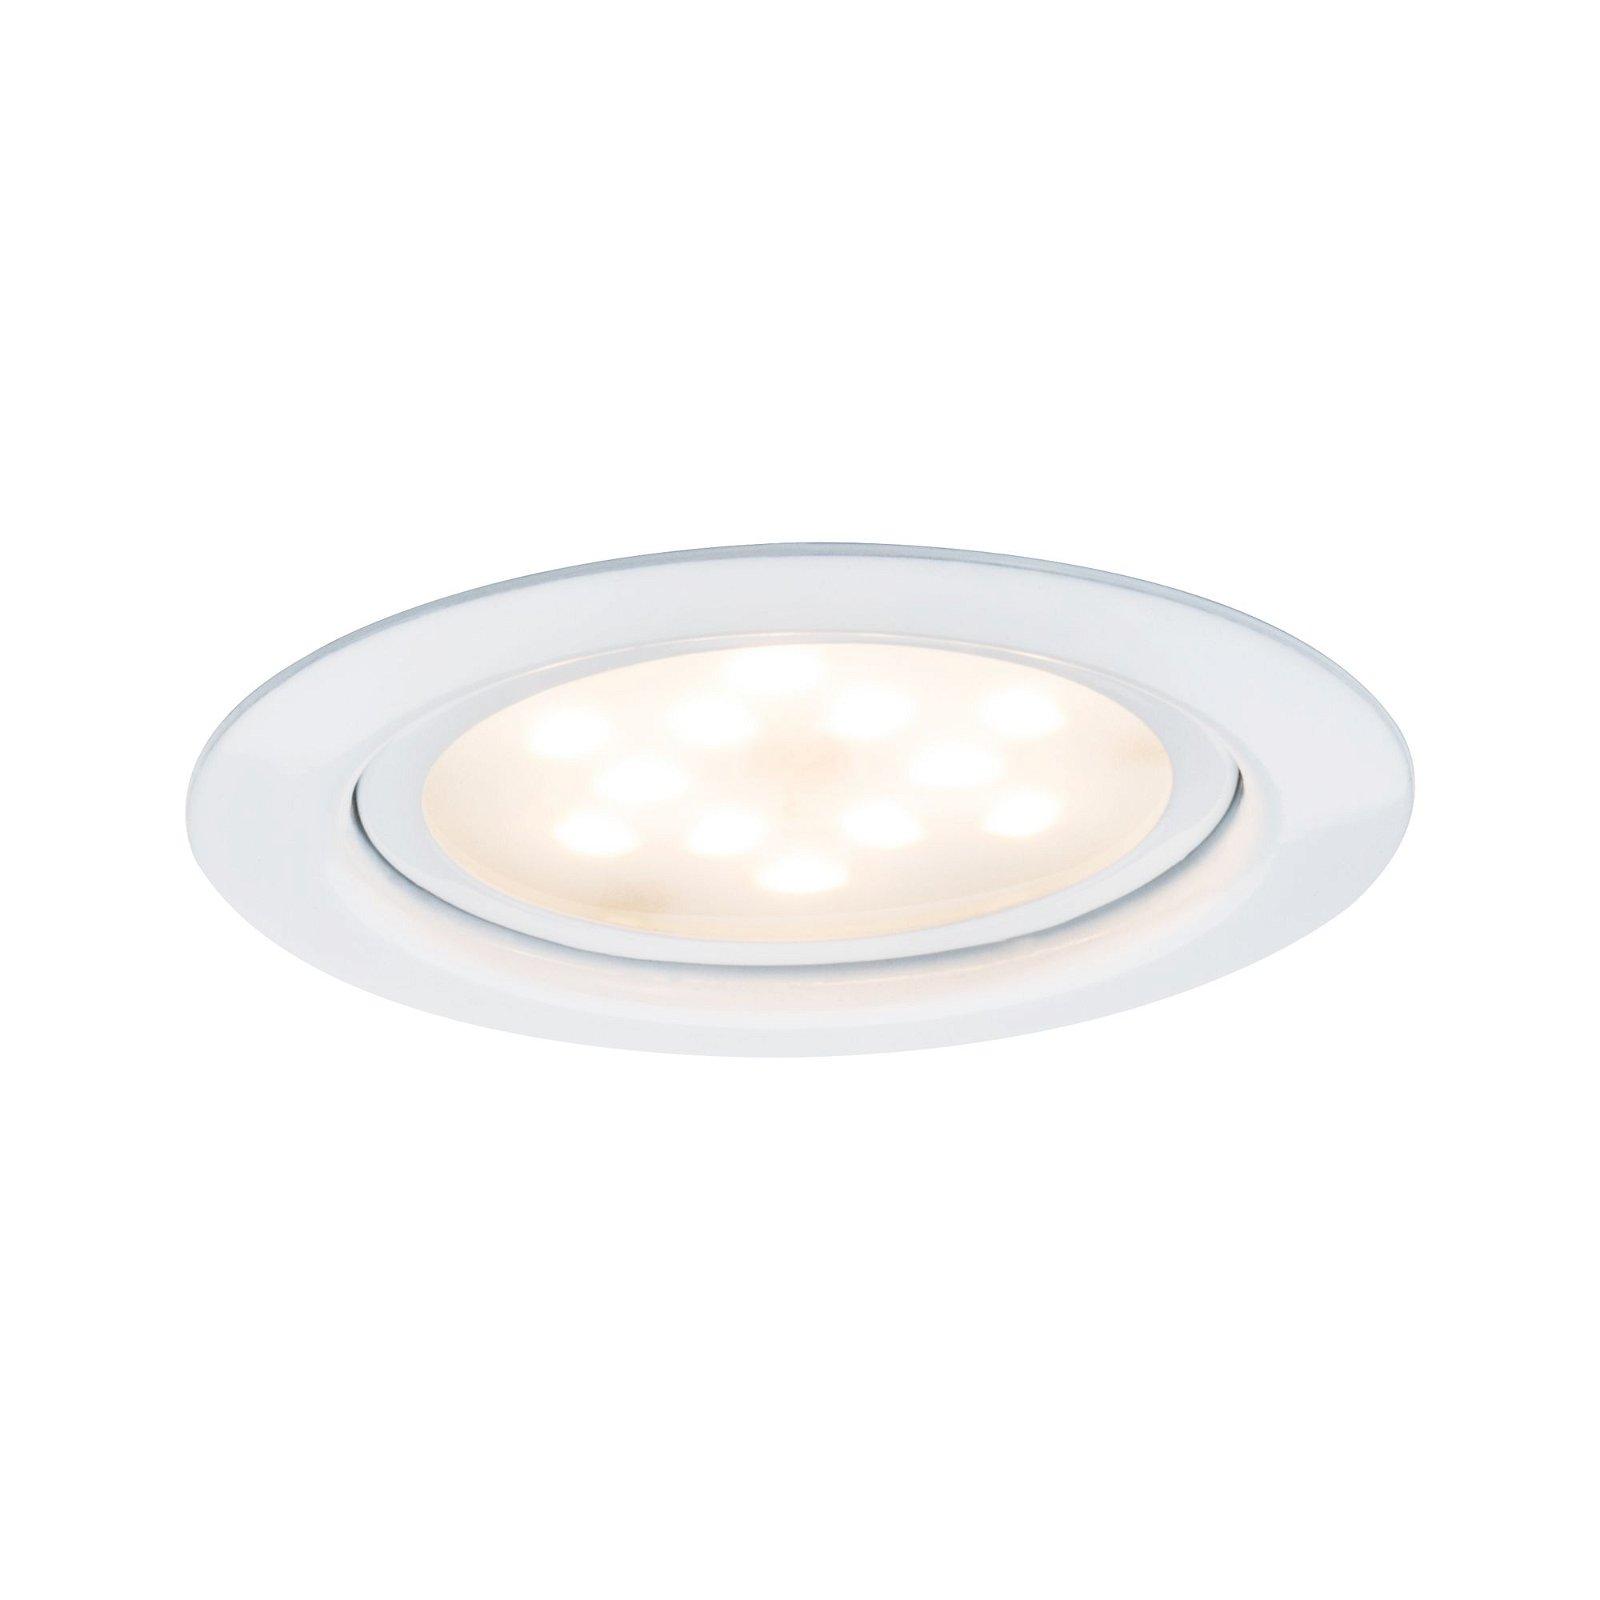 LED Möbeleinbauleuchten Micro Line 3er-Set rund 65mm 3x4,5W 3x305lm 230V 2700K Weiß